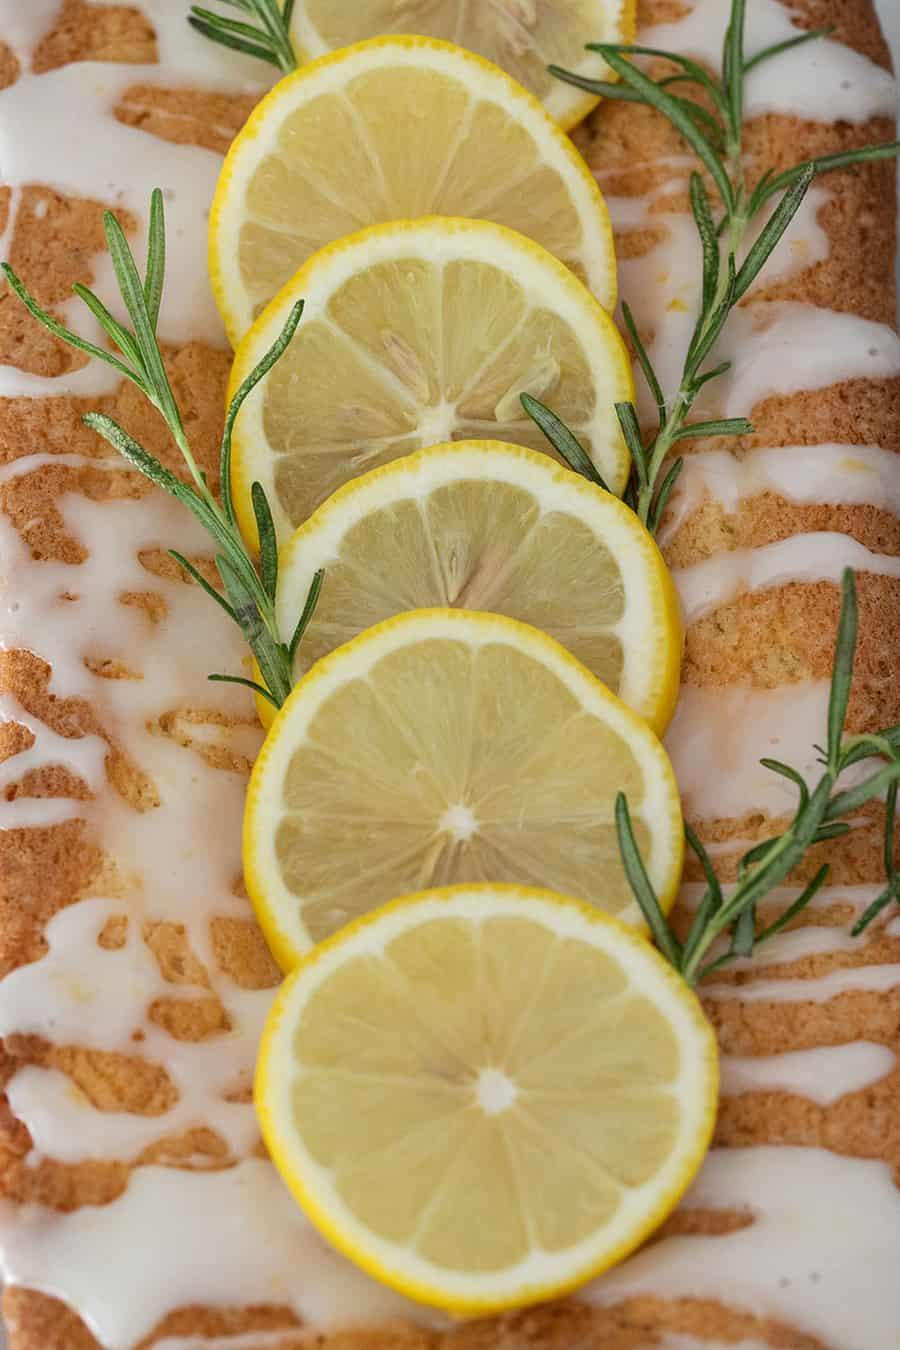 Sliced lemons on a loaf cake.